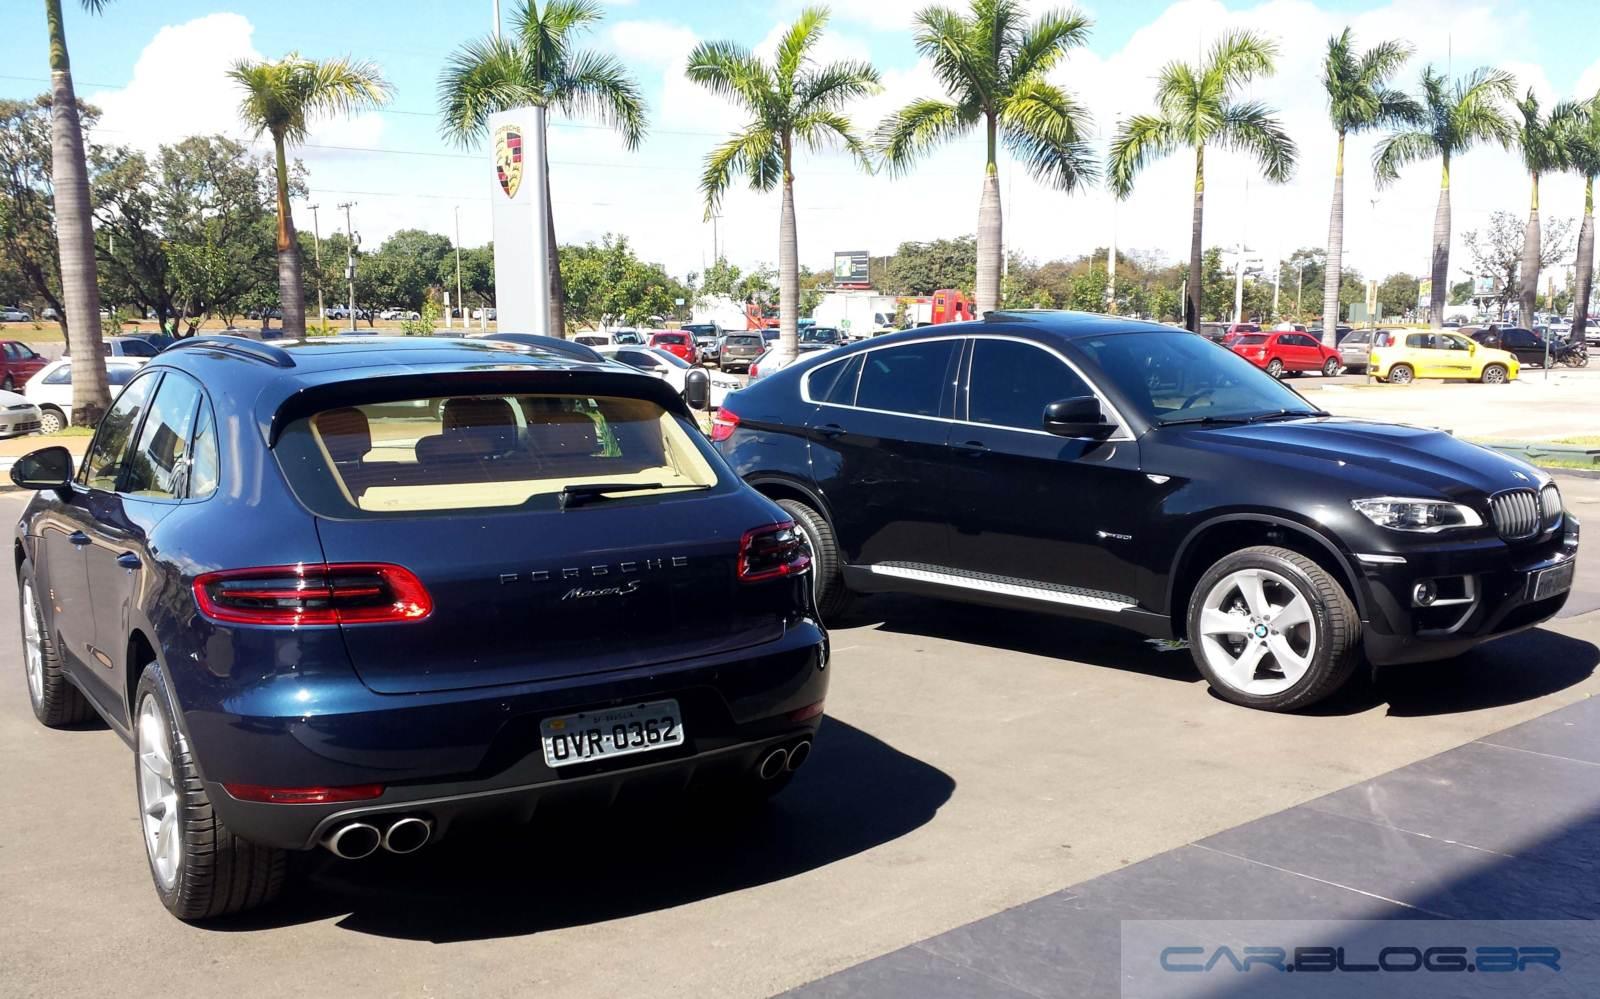 Porsche Macan X Bmw X6 Preco Performance E Tecnologia Car Blog Br